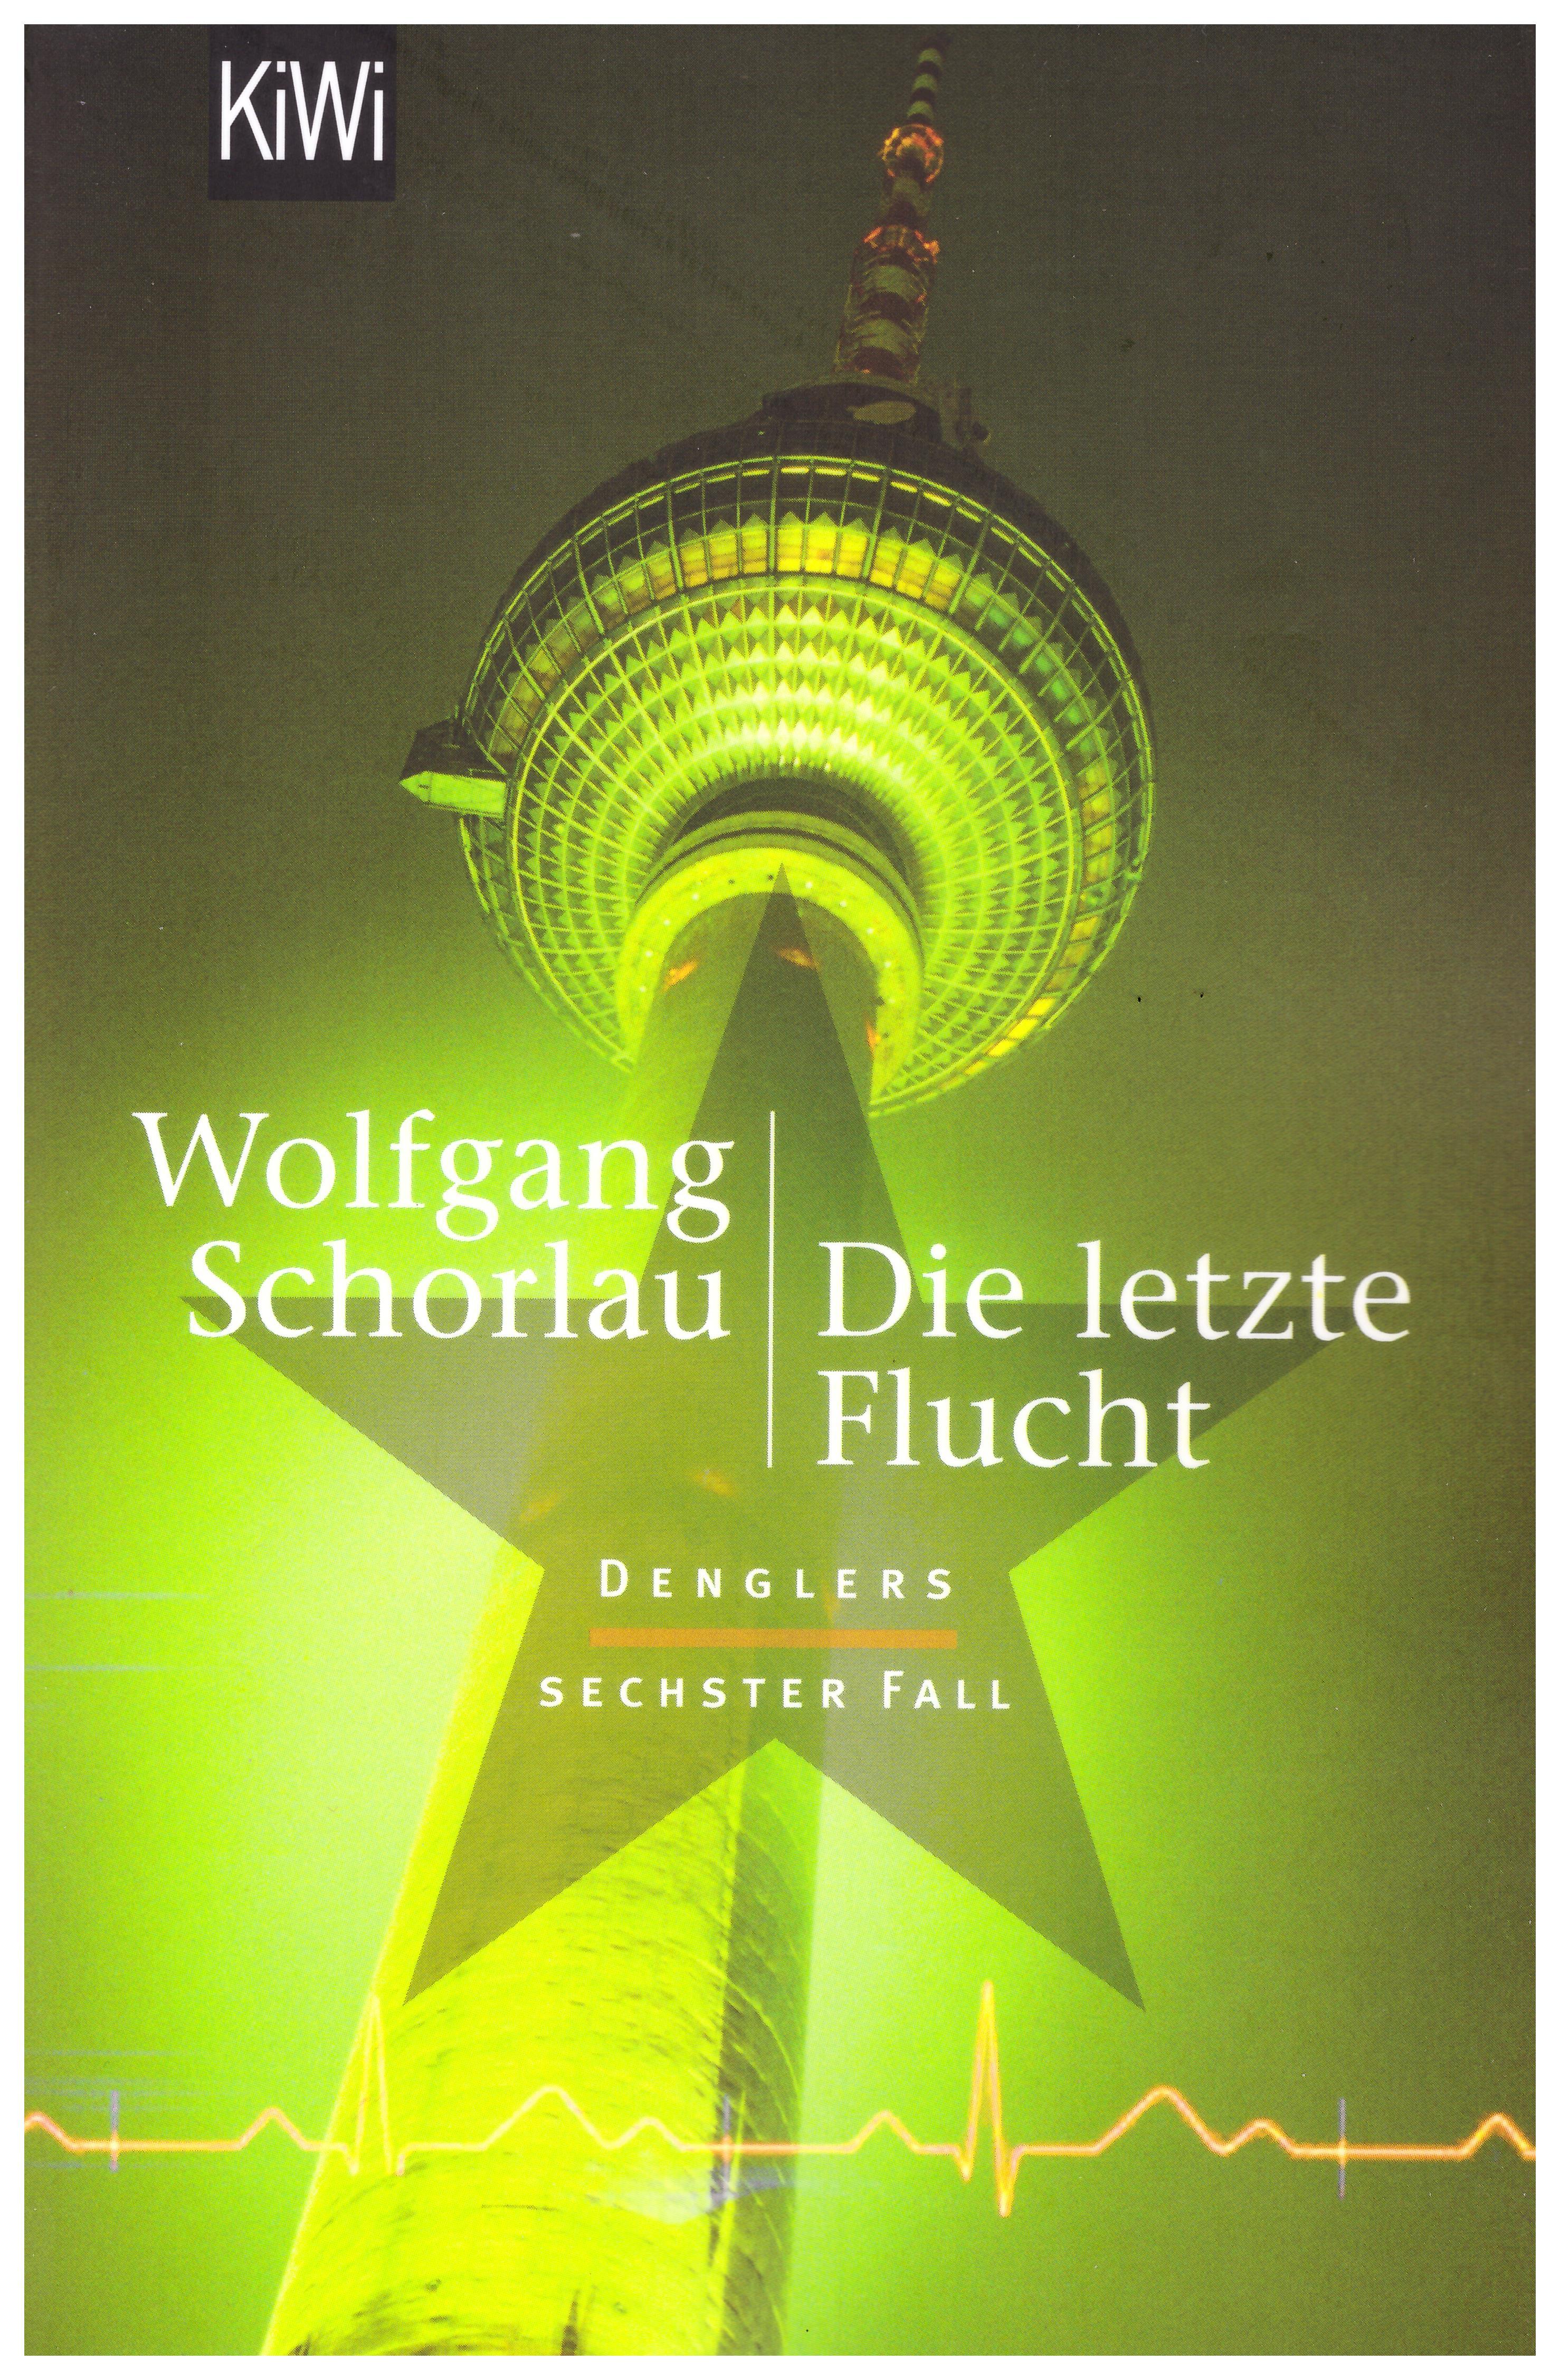 Wolfgang Schorlau Die letzte Flucht 001